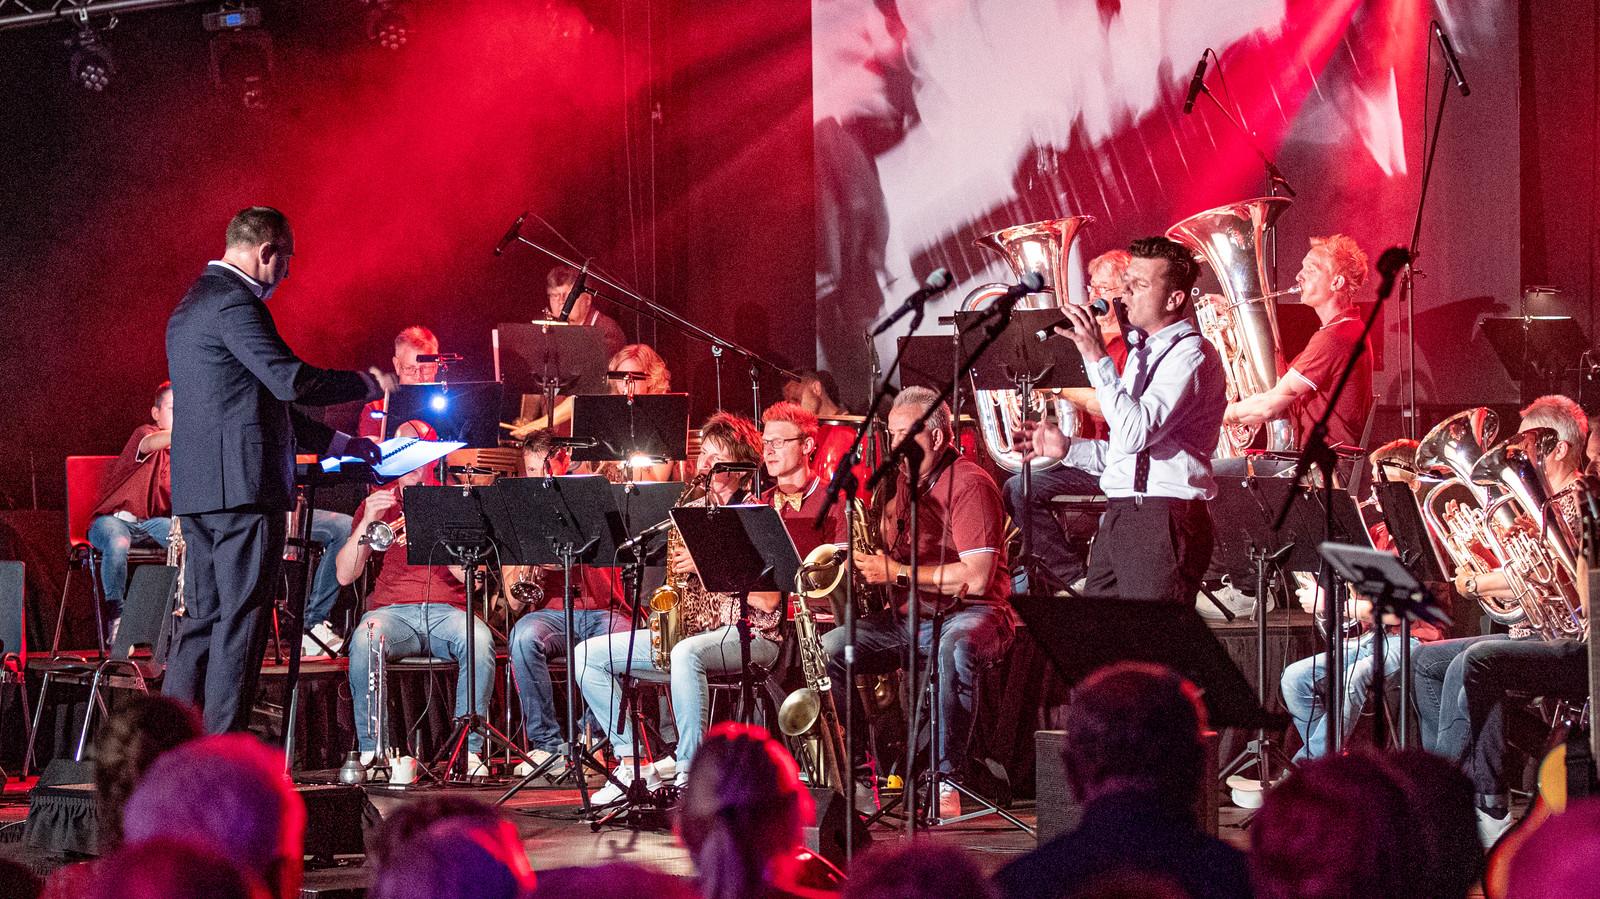 De viering van de veertigste verjaardag van de Luttenbergse muziekvereniging De Bergklanken.